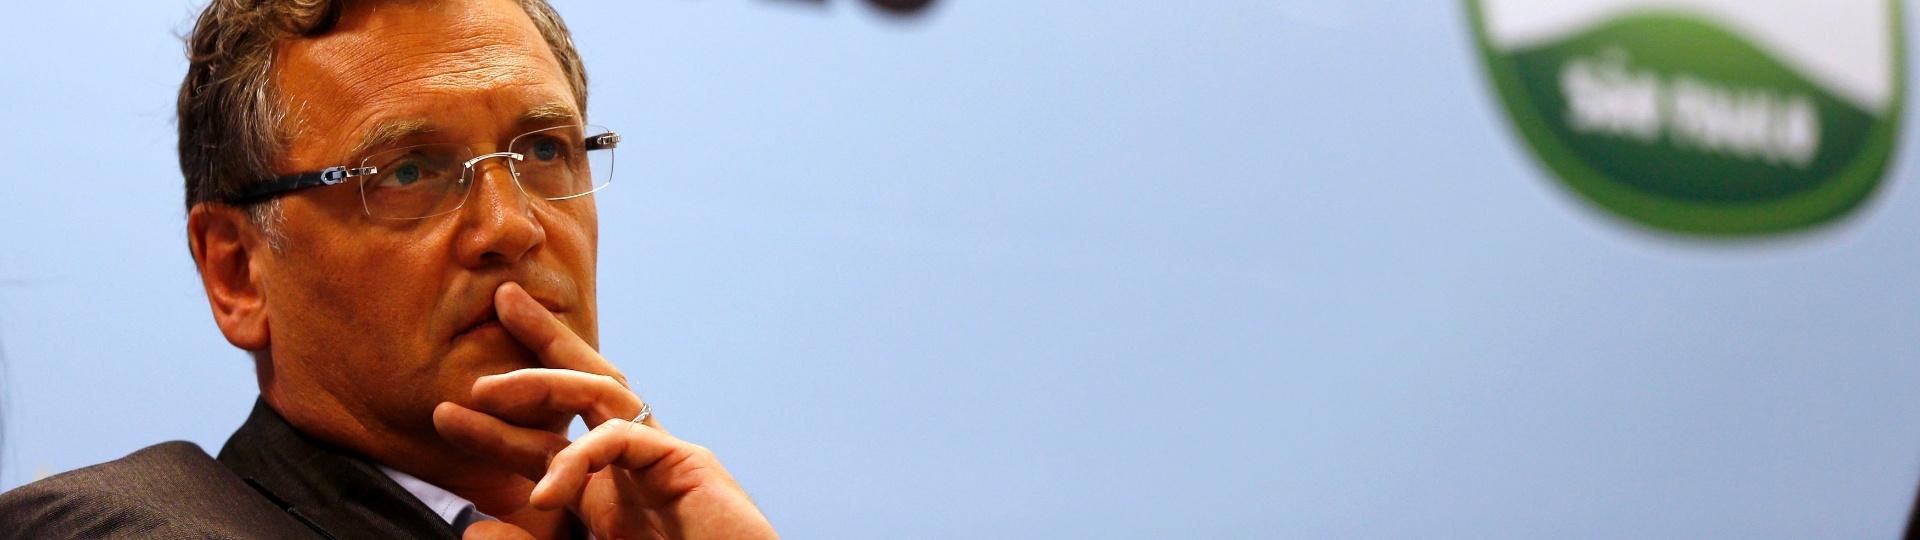 22.04.2014 - Jerome Valcke, secretário-geral da Fifa, responde as perguntas dos jornalistas no Itaquerão